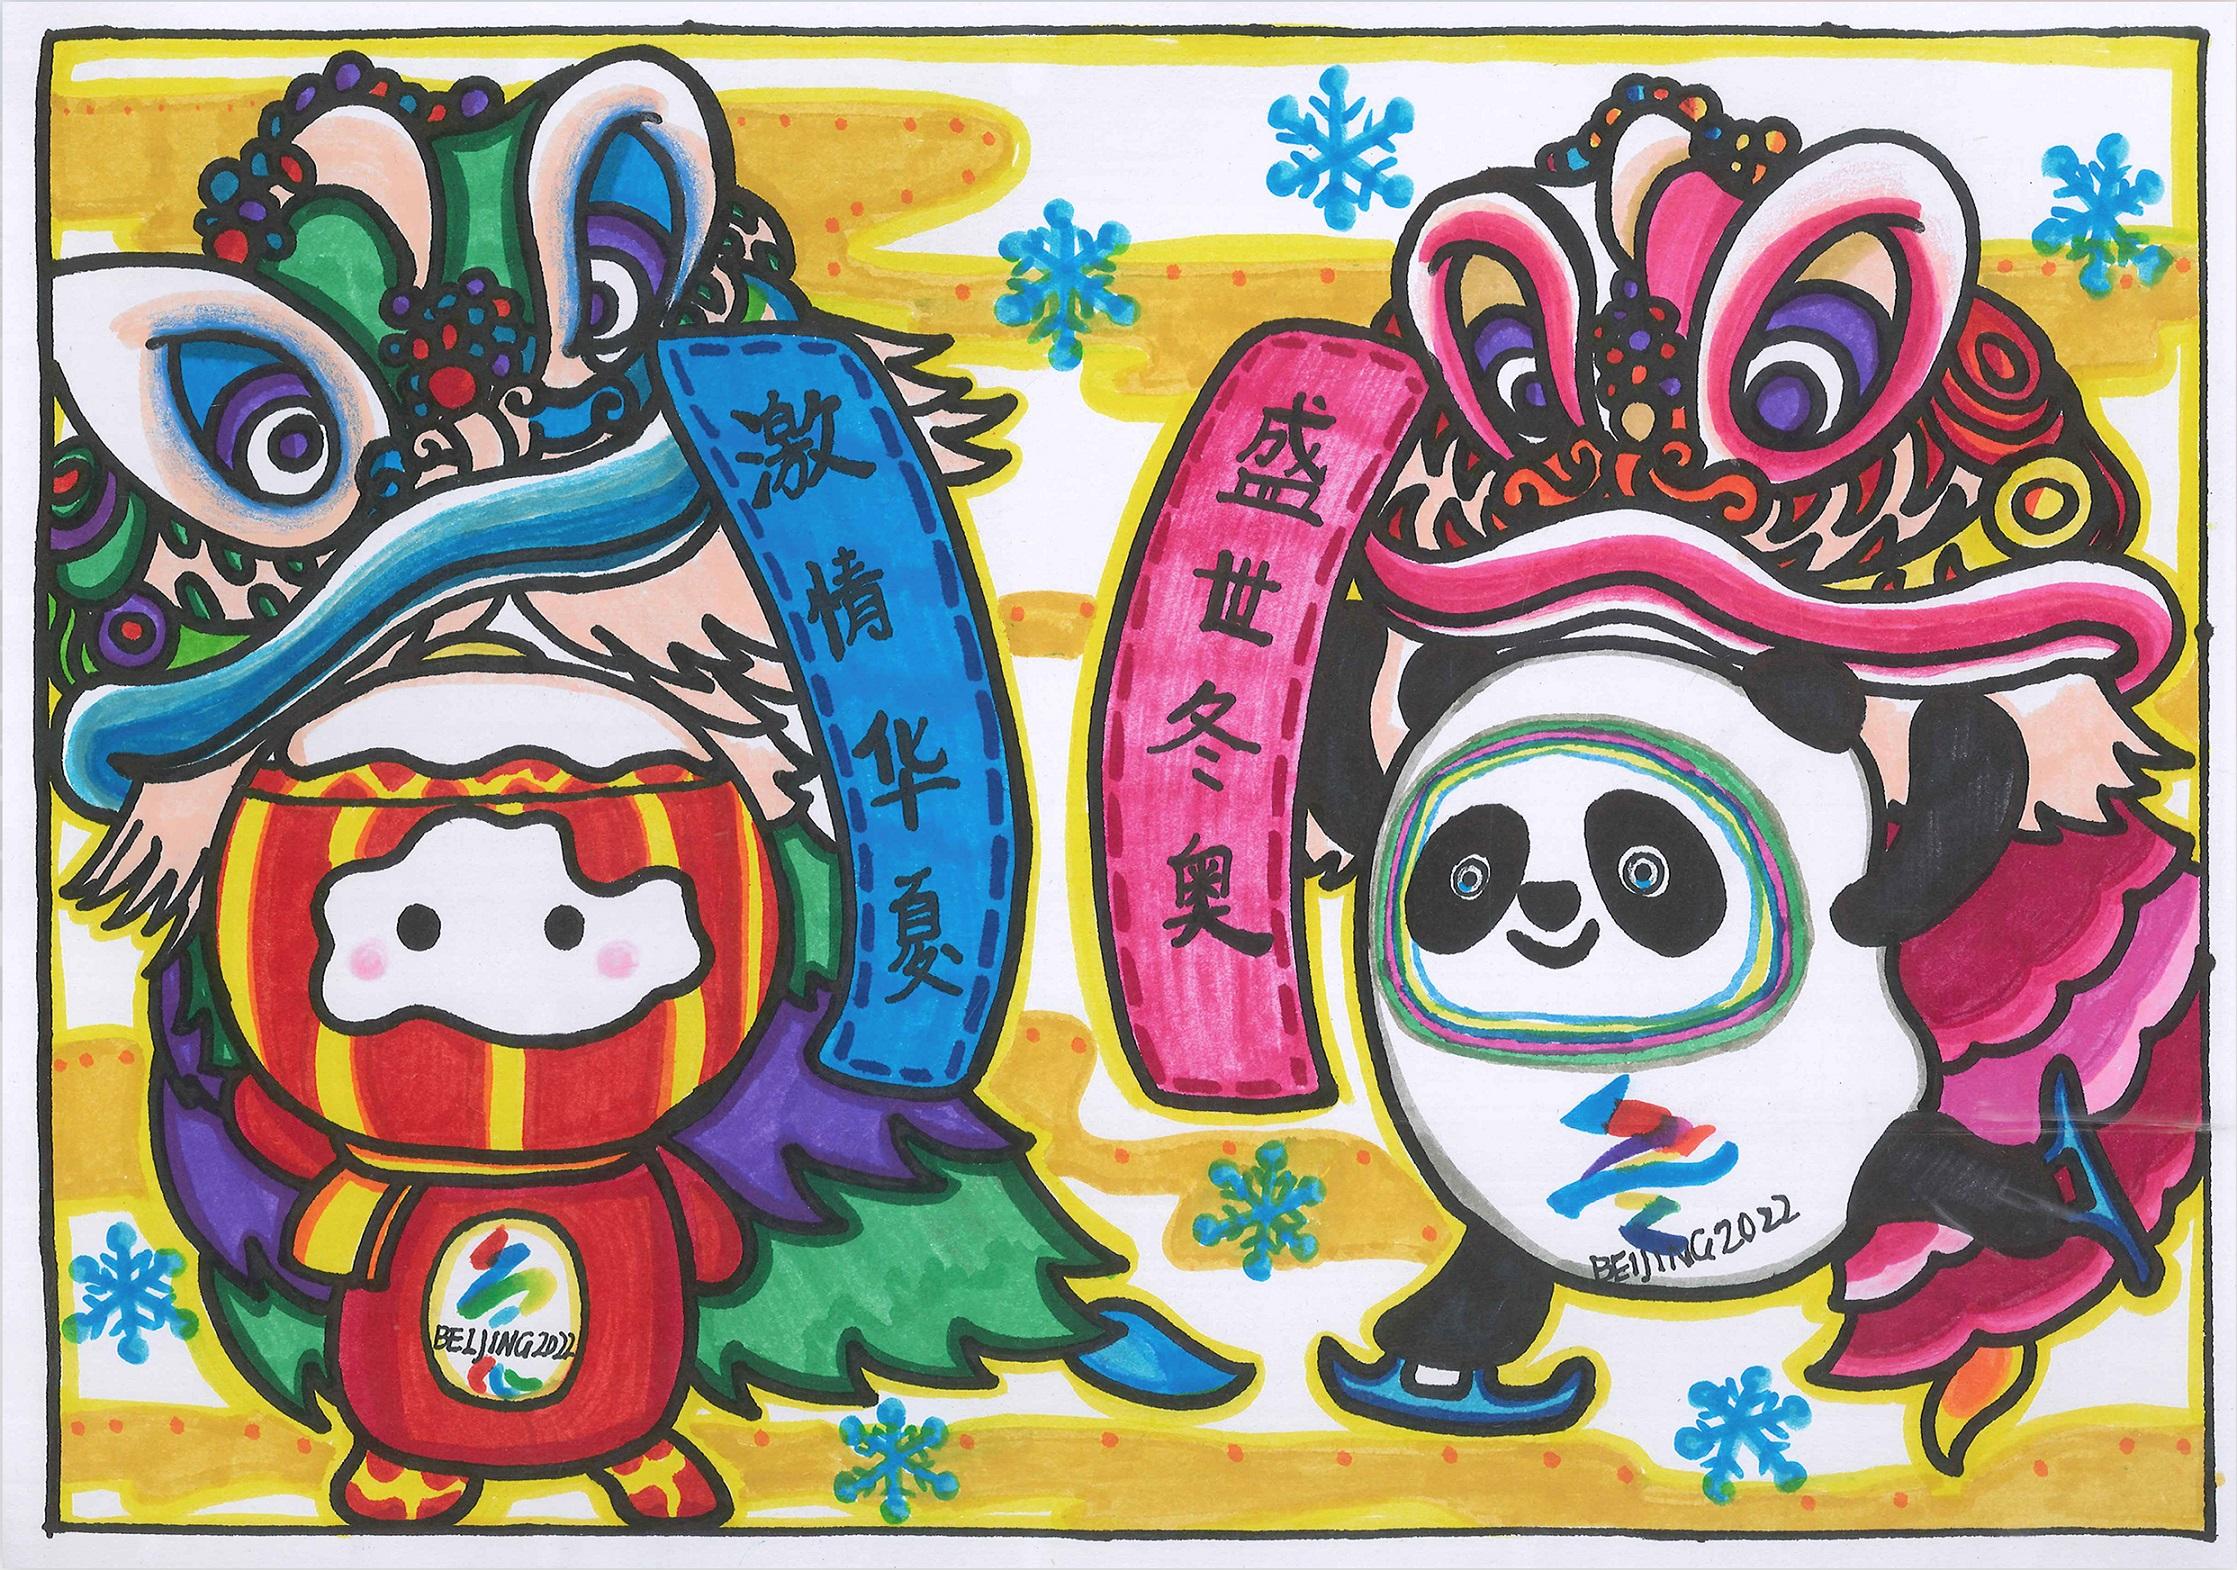 激情华夏盛世冬奥 Passionate China, Prosperous Winter Olympics+李昕瑶 Li Xinyao